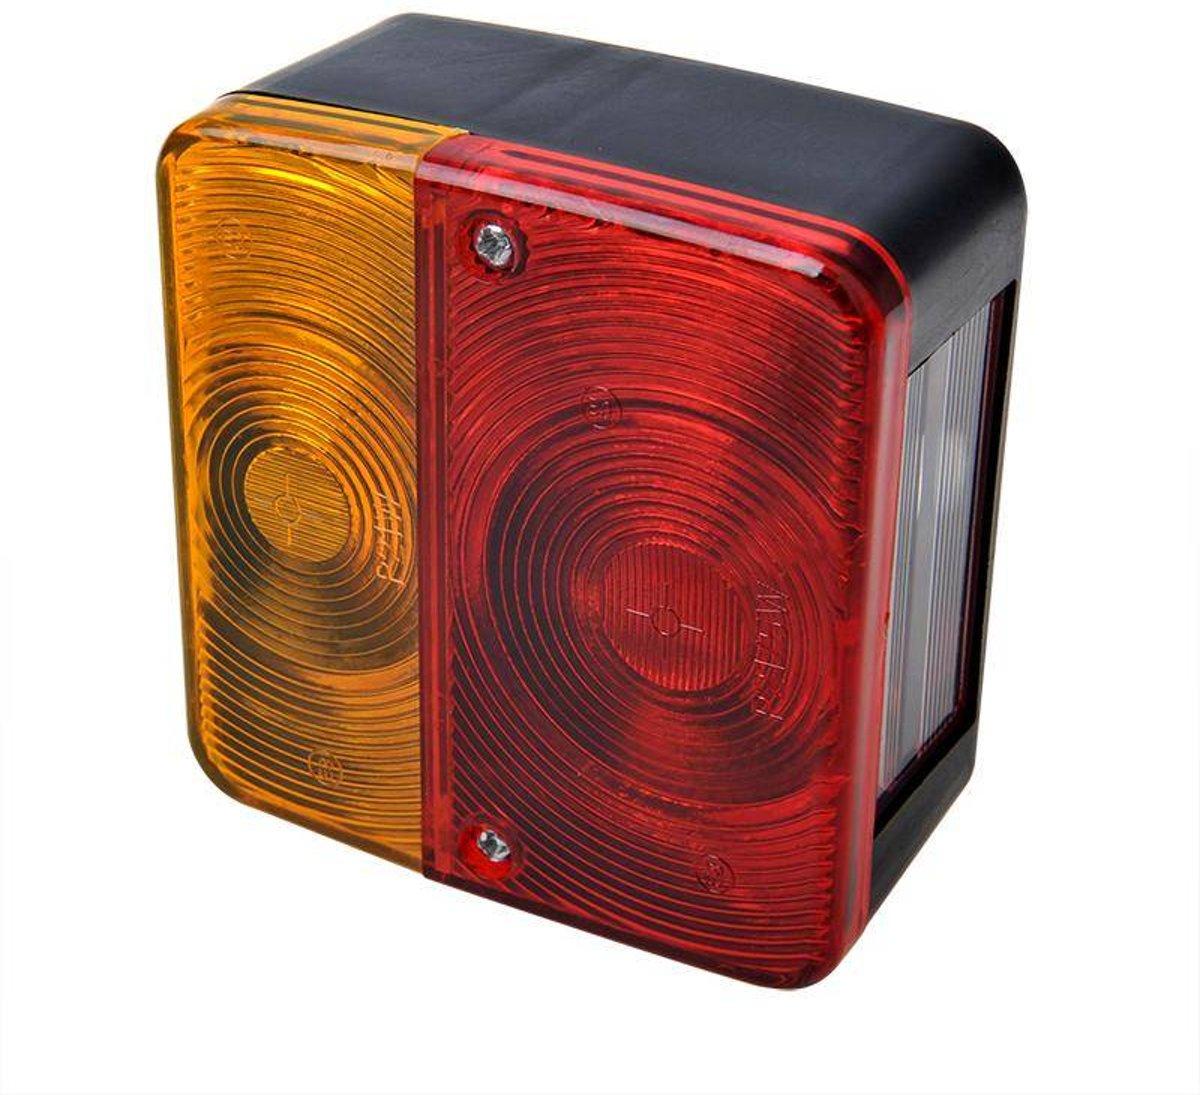 bol.com | 2 stuks (set) achterlicht vierkant 98mmx104mm voor ...